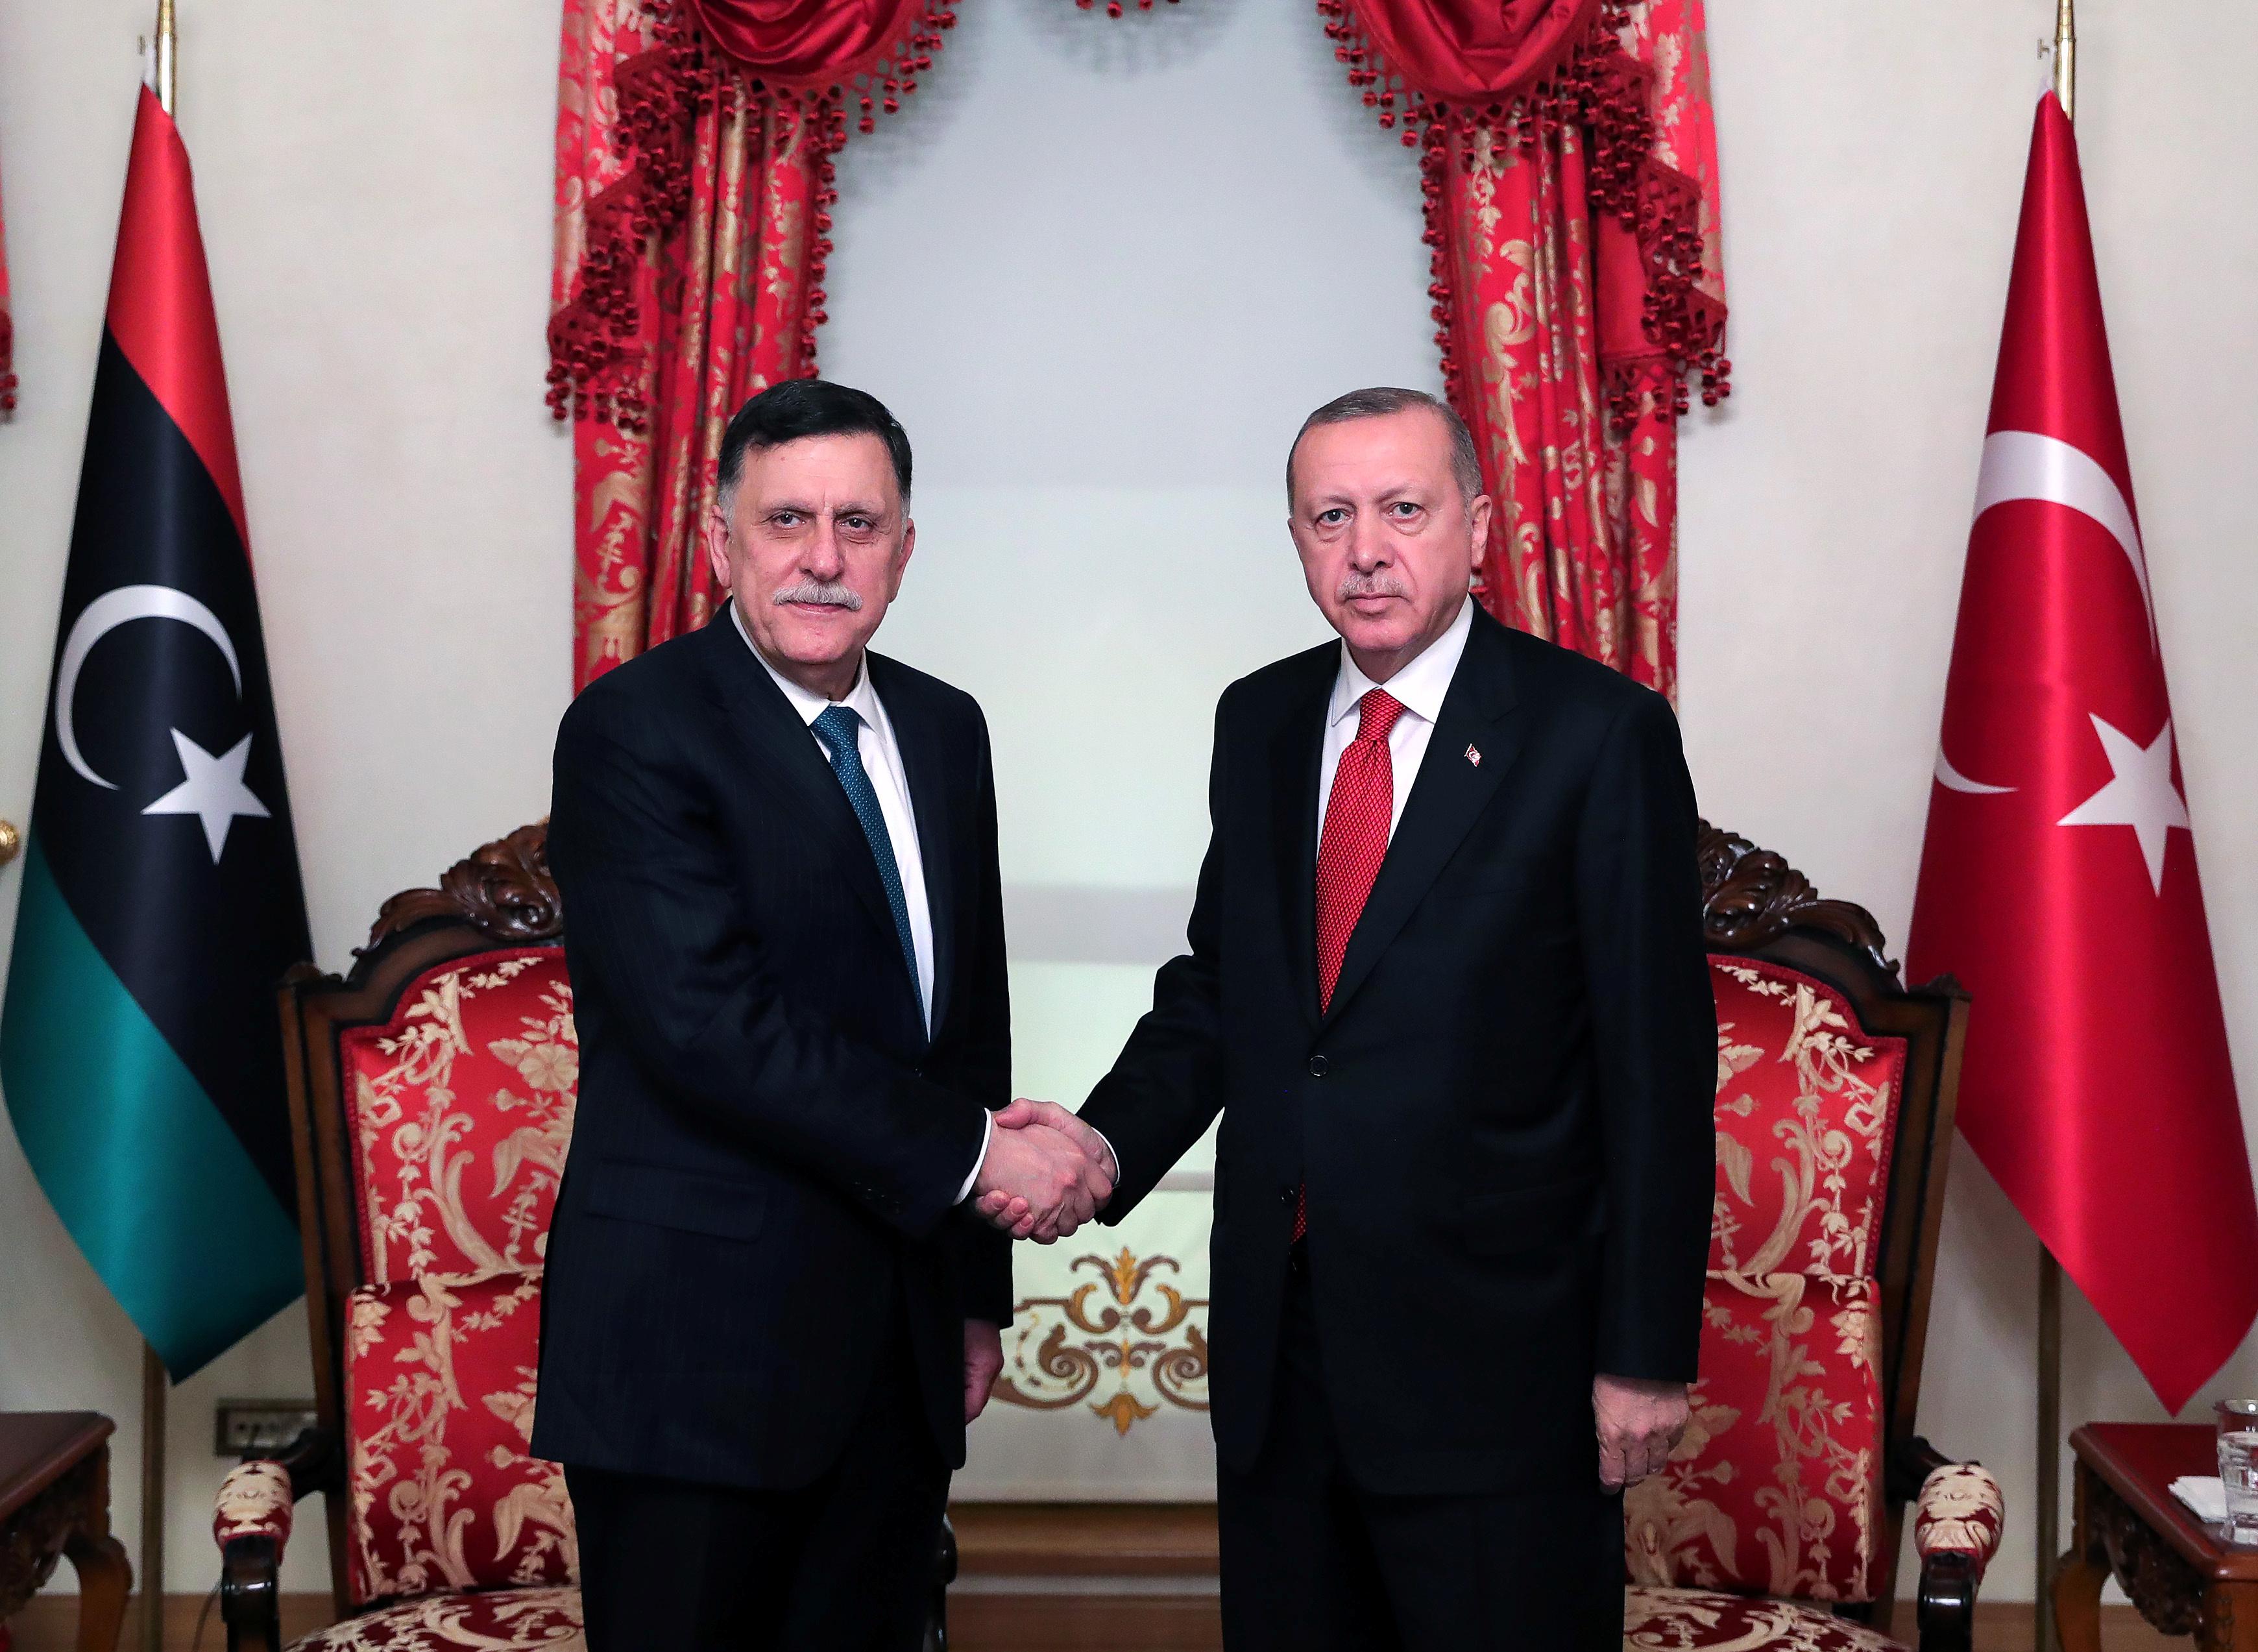 """Ο ΟΗΕ """"επισημοποιεί"""" το μνημόνιο της Τουρκίας με τη Λιβύη"""